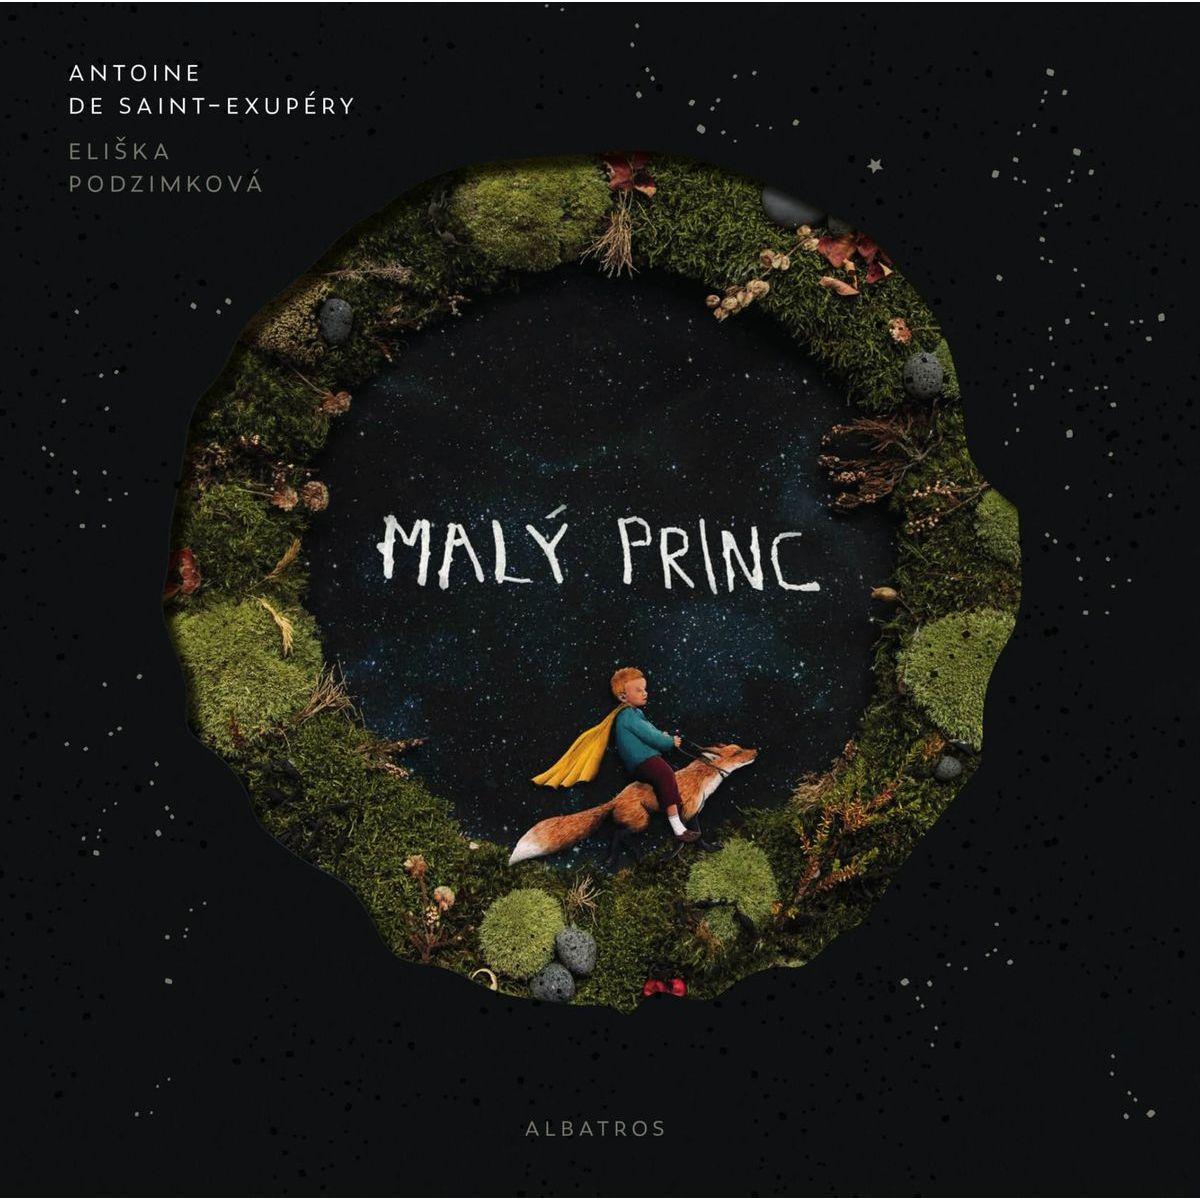 Malý princ (54698)